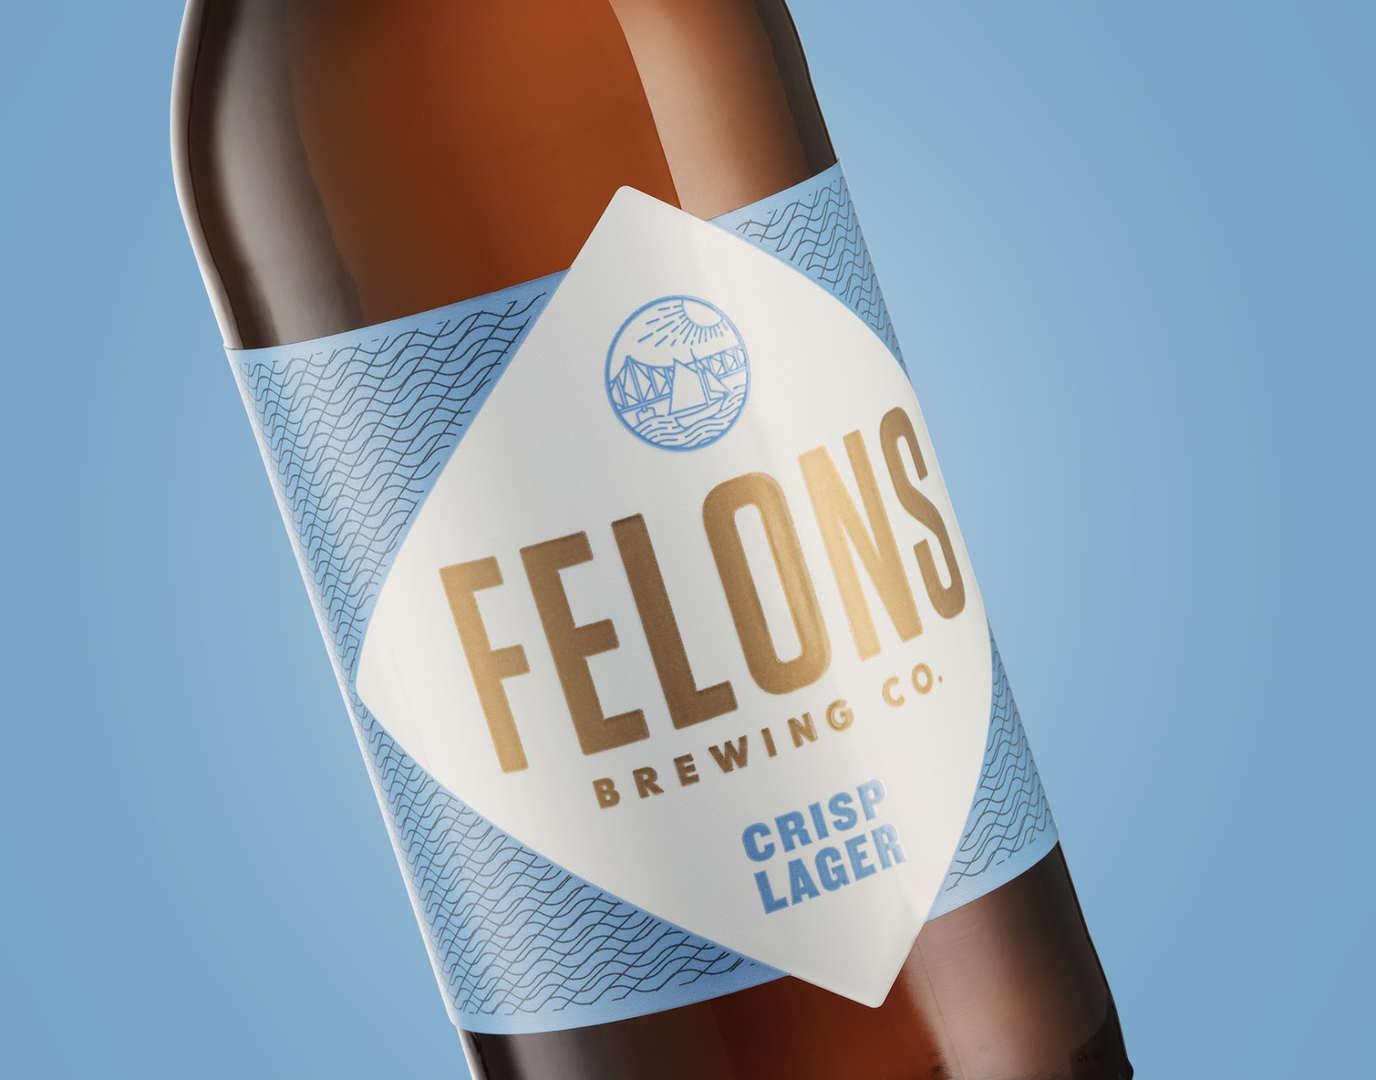 SQI_Felons-Brewing-Co-Images-8.jpg